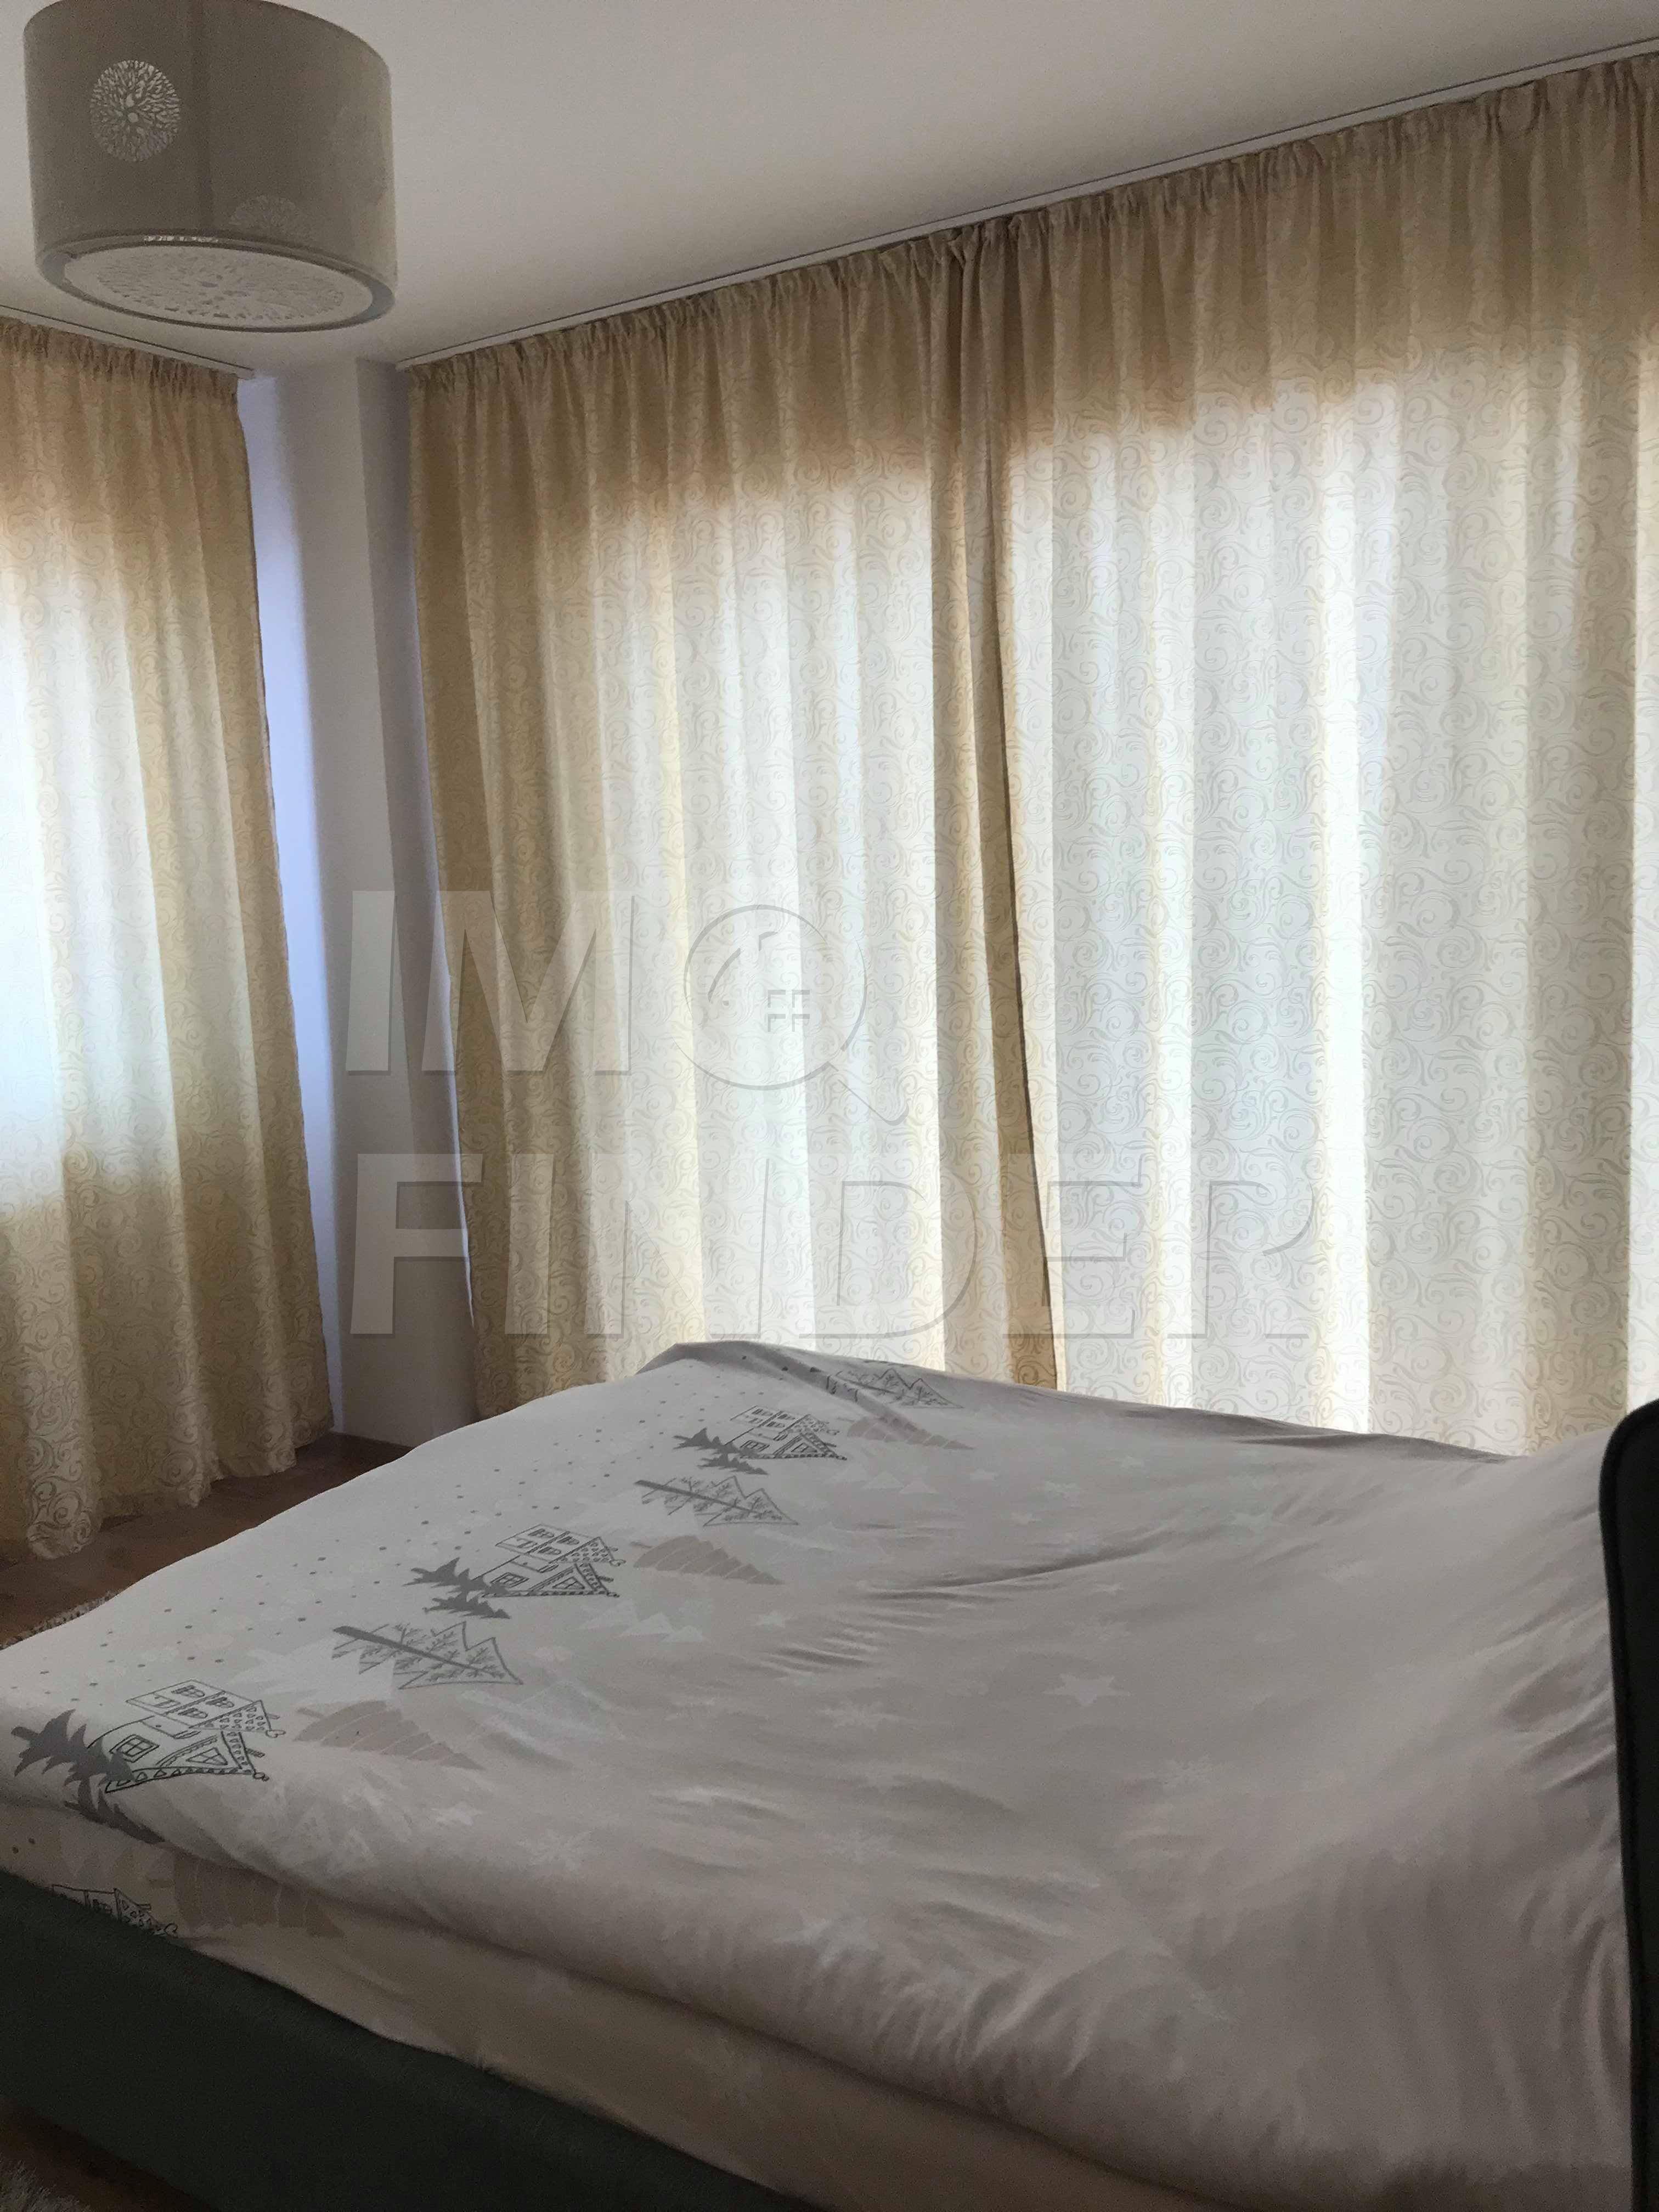 Inchiriere apartament 3 camere, Viva City